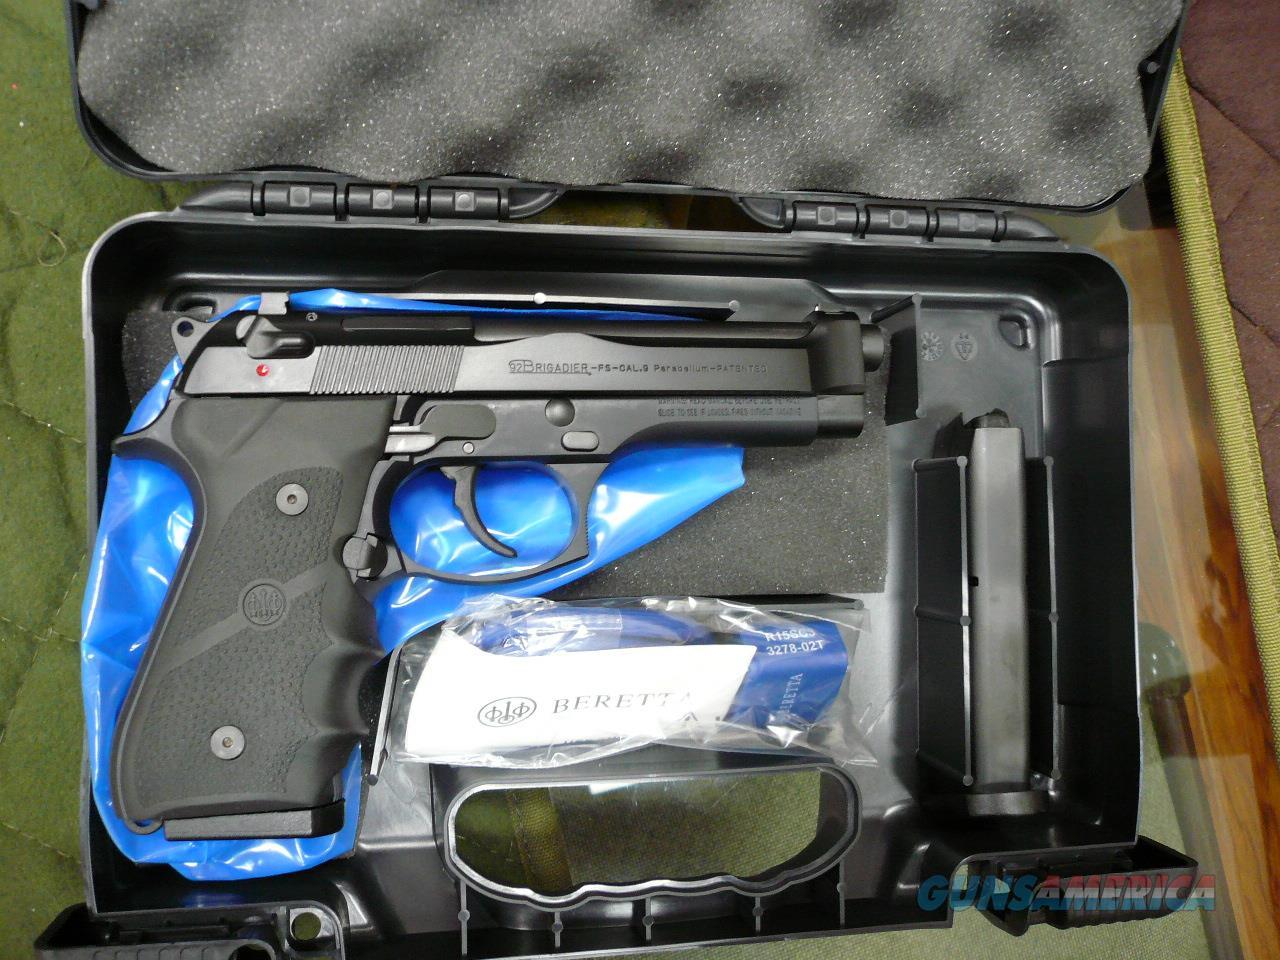 BERETTA 92FS/BRIGADIER,9MM NIB  Guns > Pistols > Beretta Pistols > Model 92 Series